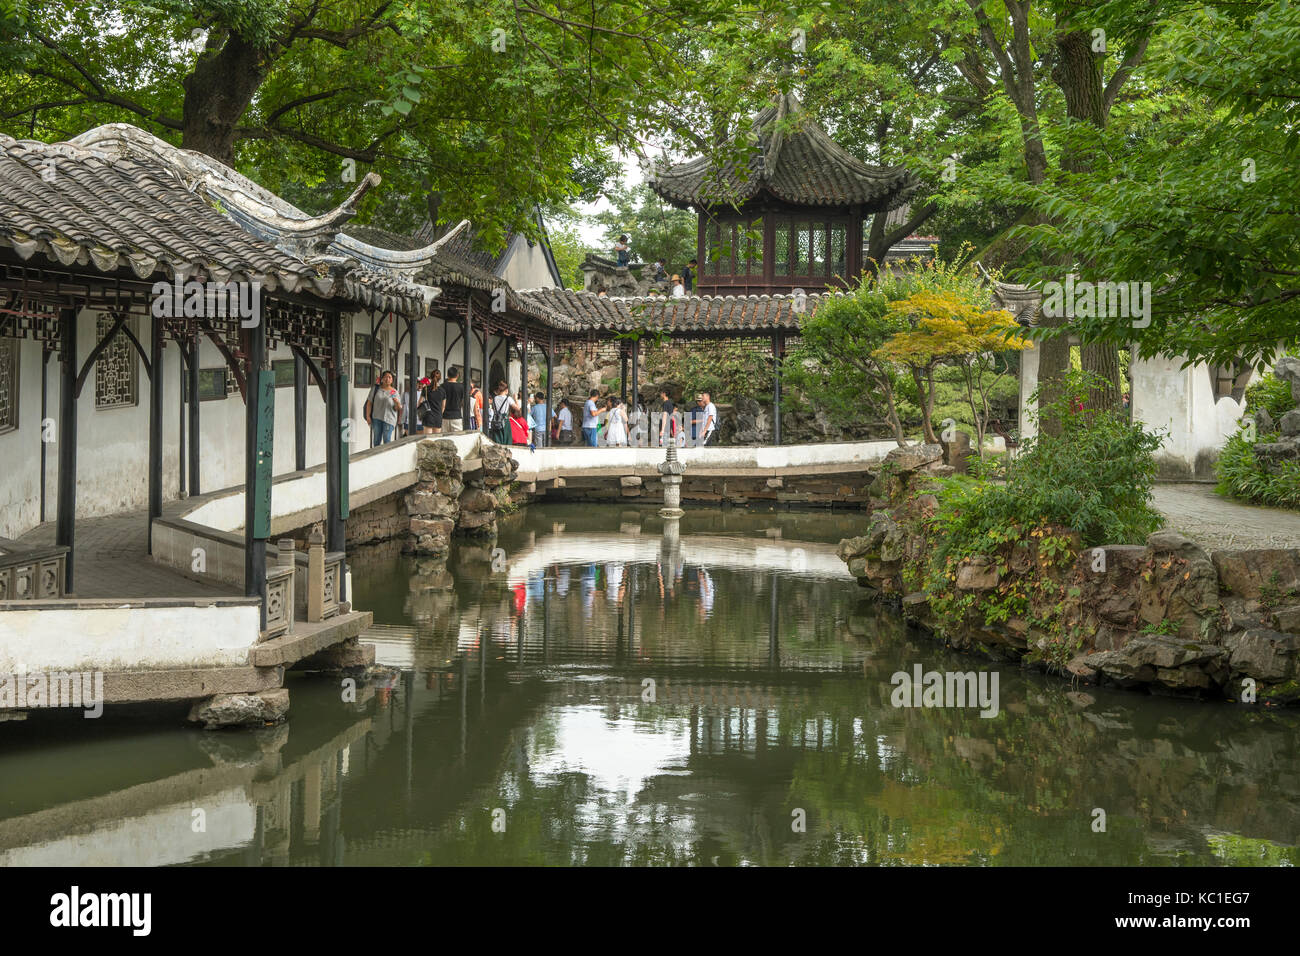 Il lungo corridoio, umile administrator's garden, Suzhou, Cina Immagini Stock